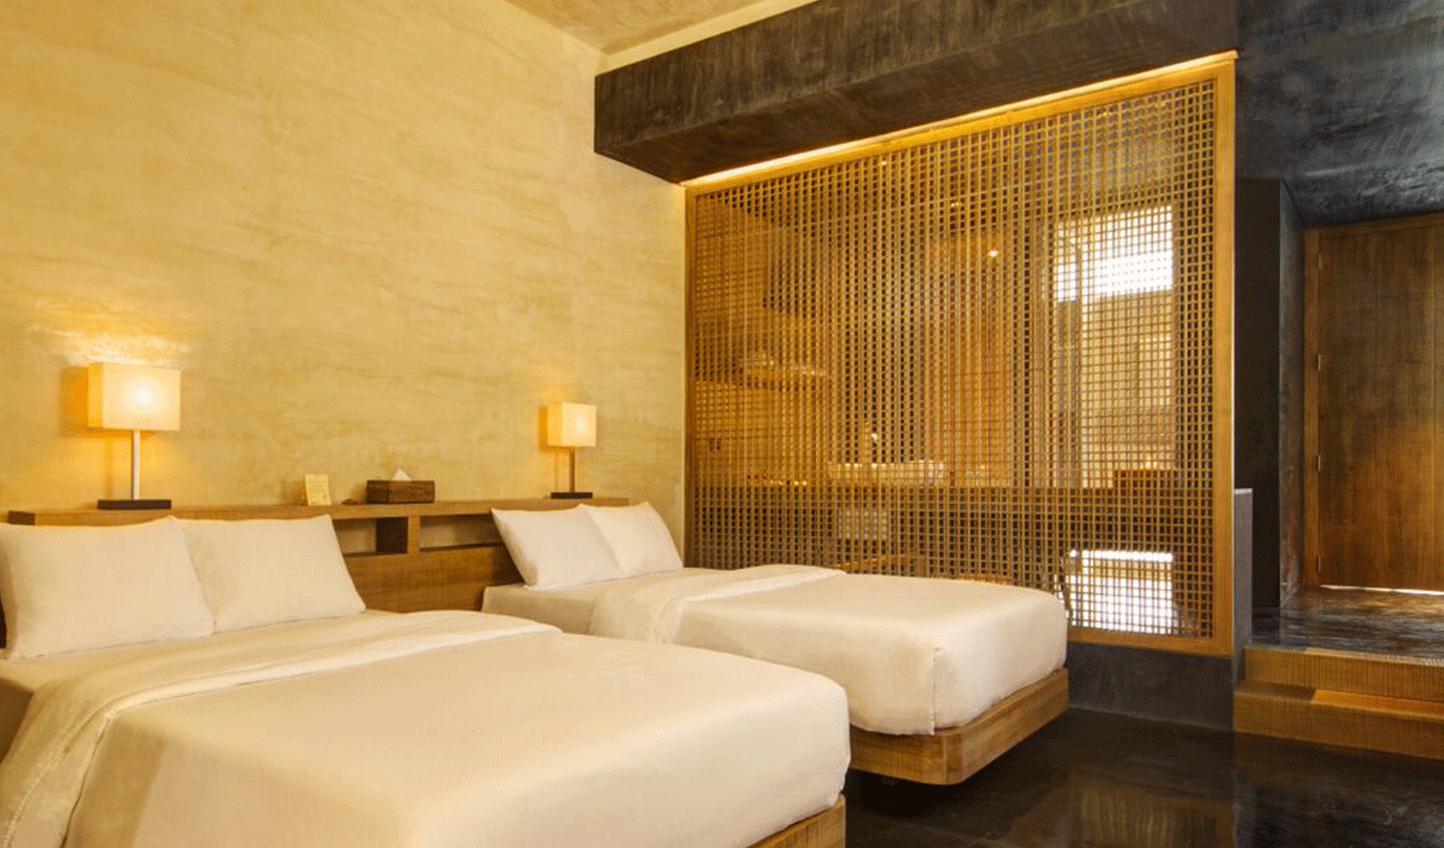 Modern design brings a classic elegance